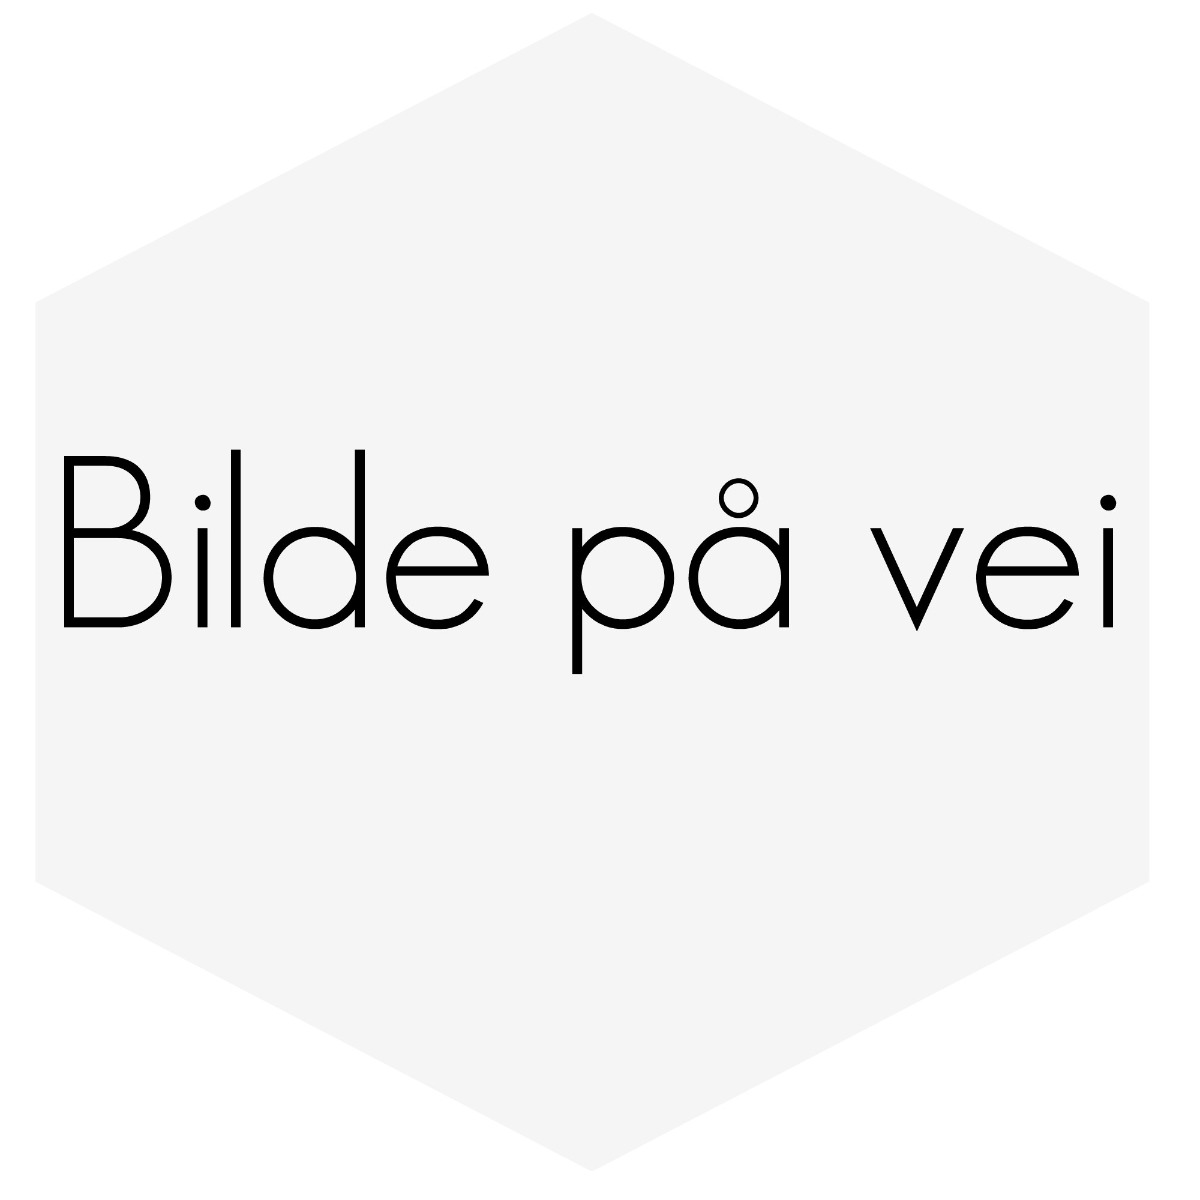 T-RØR TIL DUMPVENTIL I ALUMINIUM UTV.63MM/32MM UT TIL DUMP